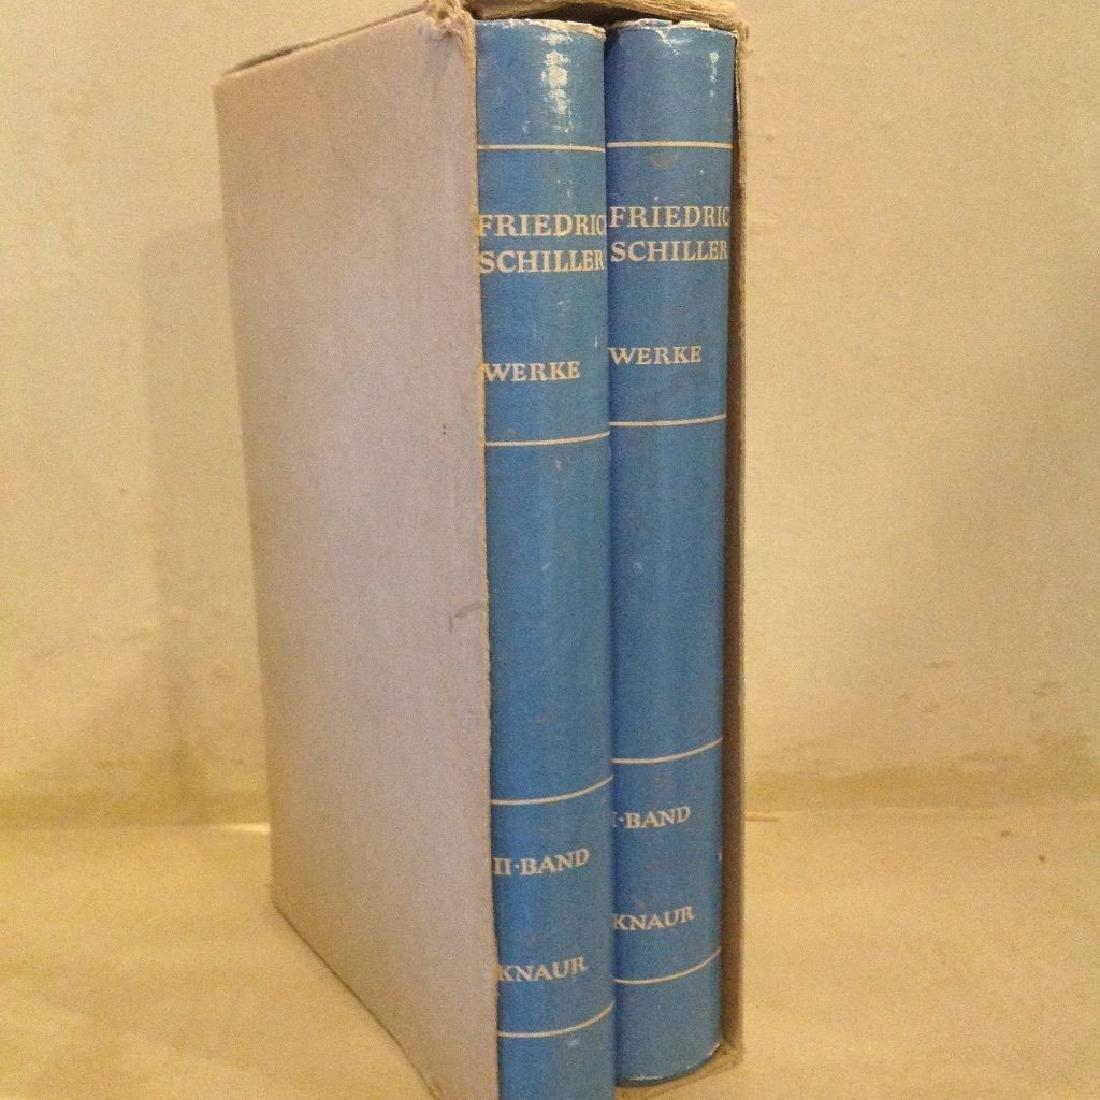 Schillers Werke, in Zwei Banden (2 Volumes, 1964) - 2